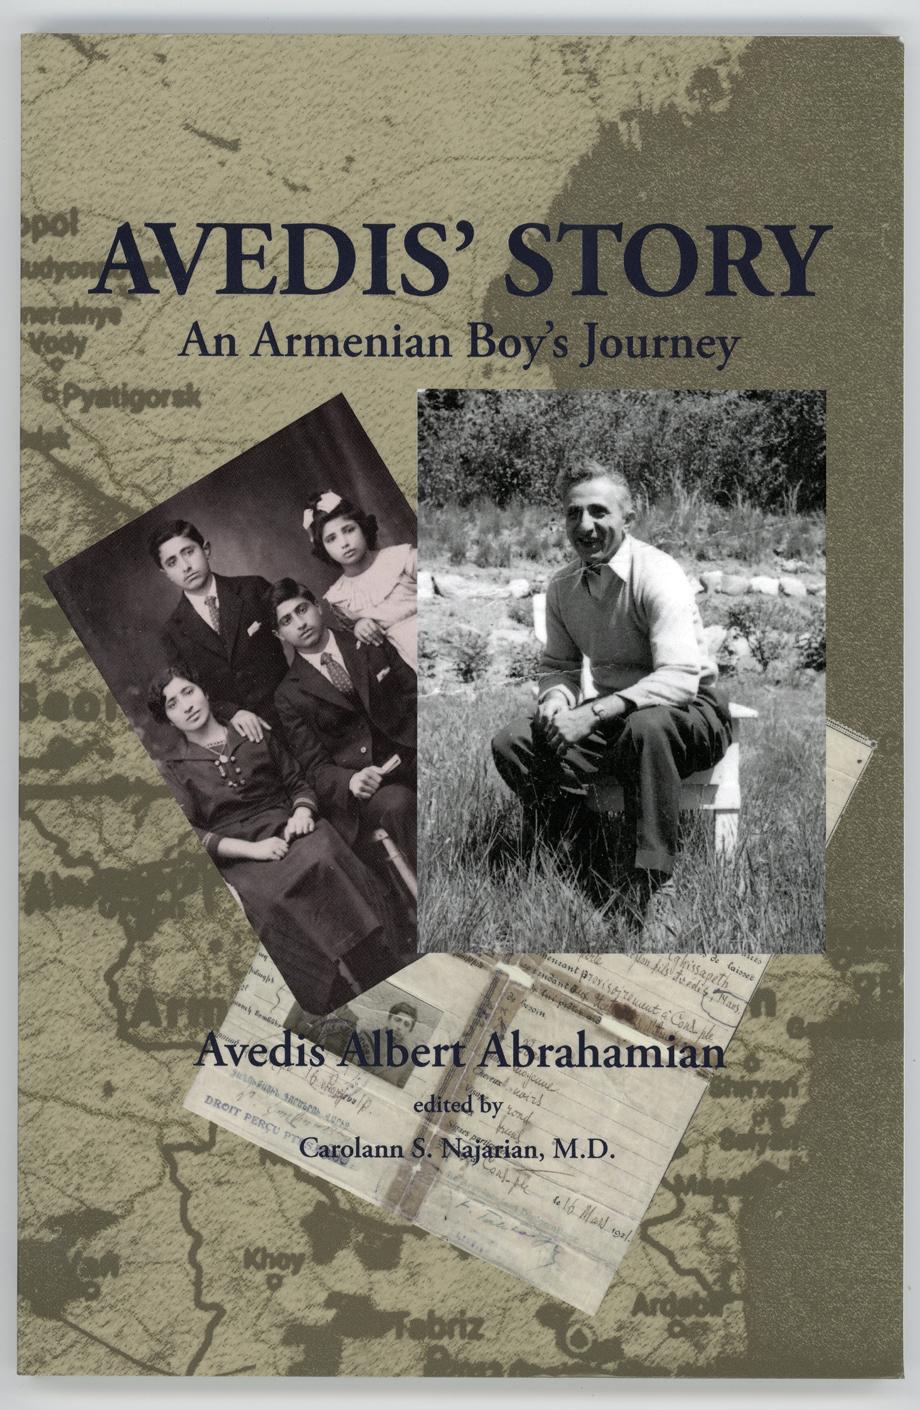 Avedis Abrahamyan'ın anılarının kitabının kapağı